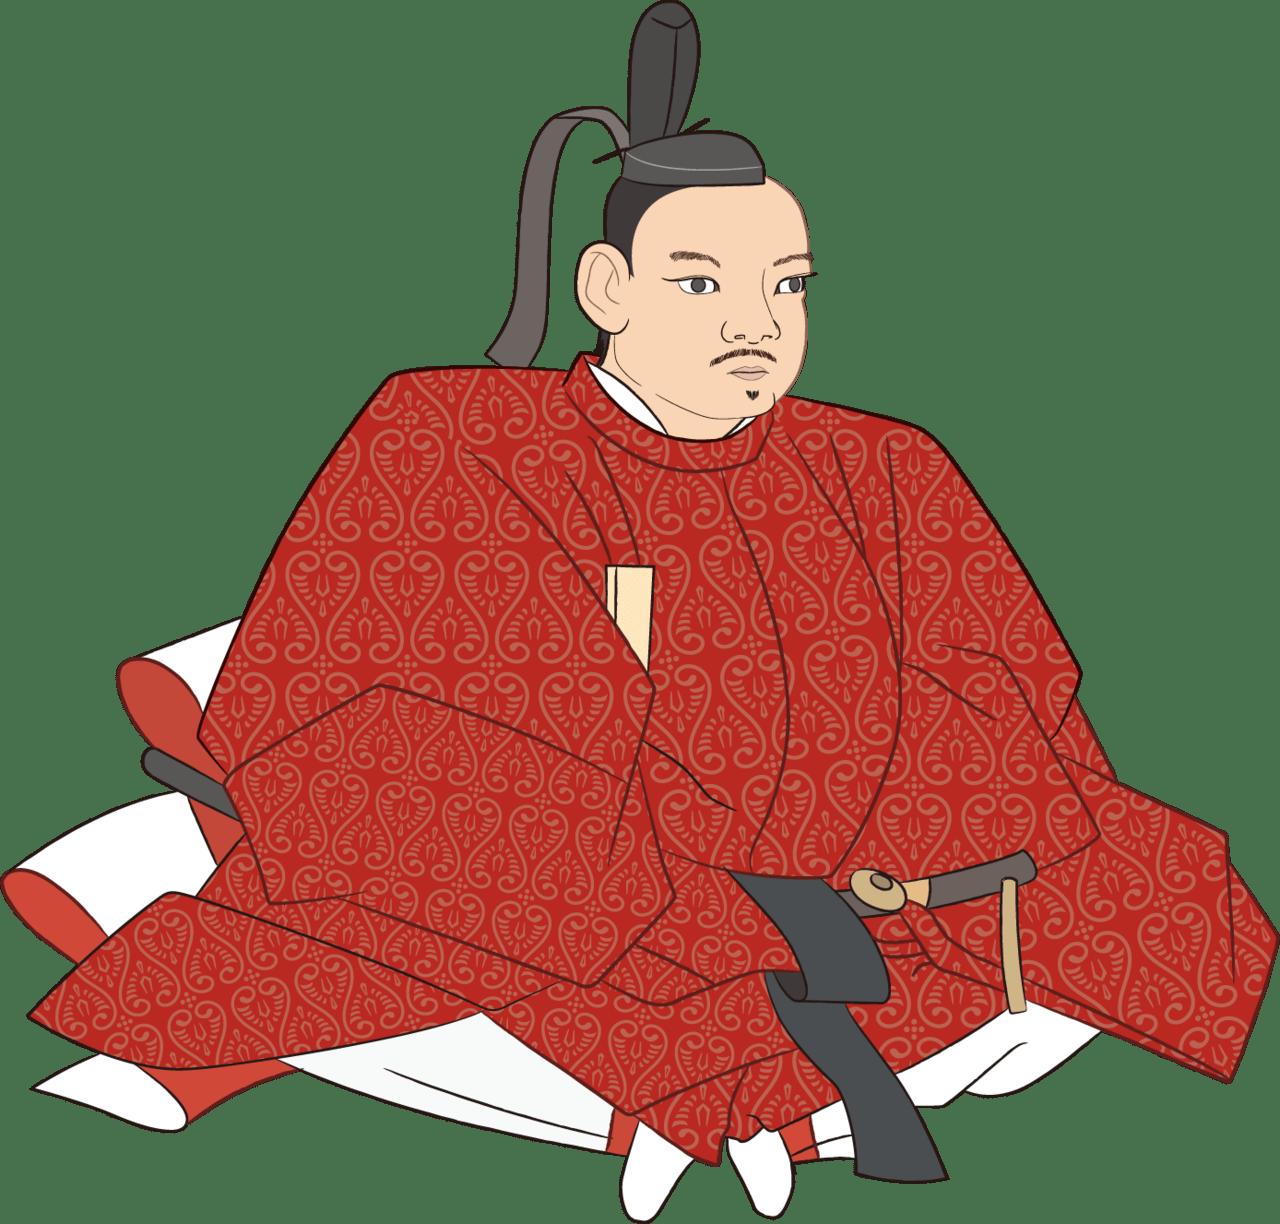 すでに30歳であった脇坂安治は、なぜ七本槍の勇士になれたのか? 〜脇坂中務少輔安治(わきざか なかつかさしょうゆう やすはる)〜